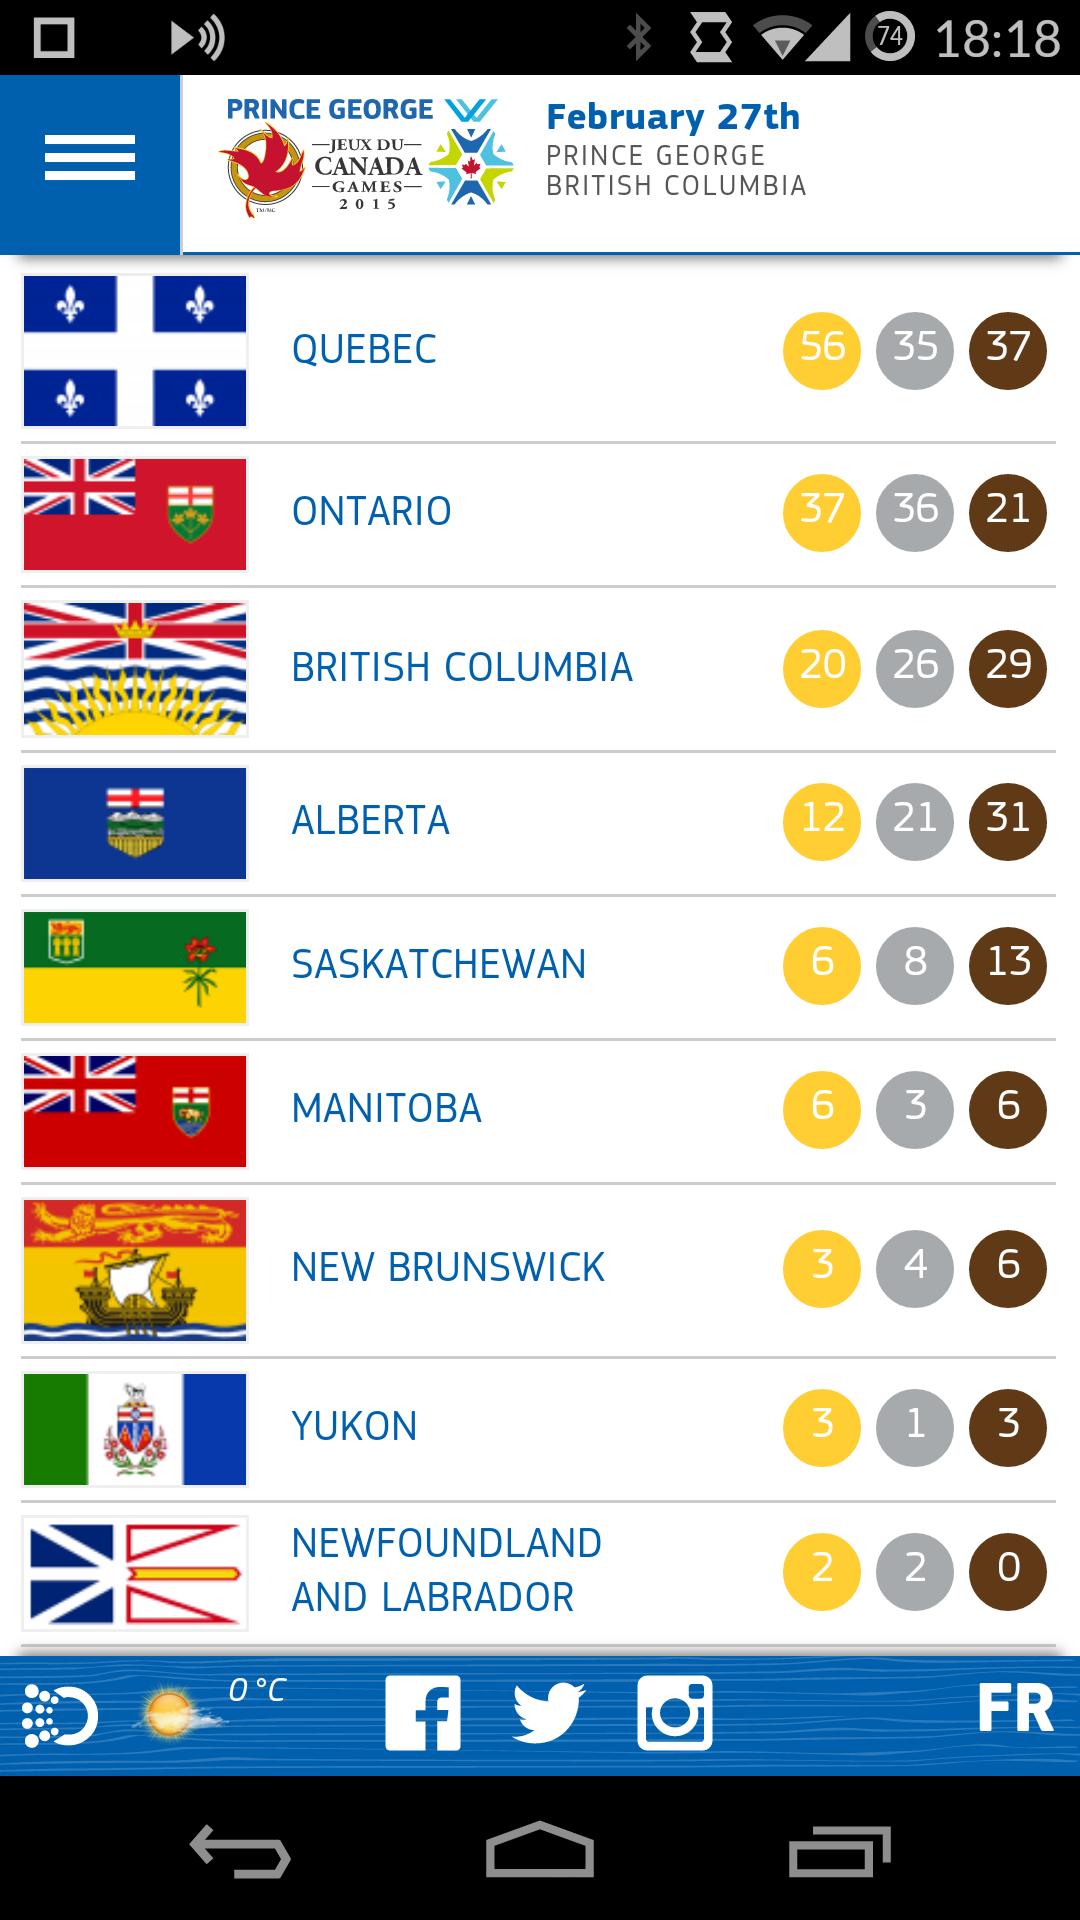 Canada Winter Games 2015 mobile site